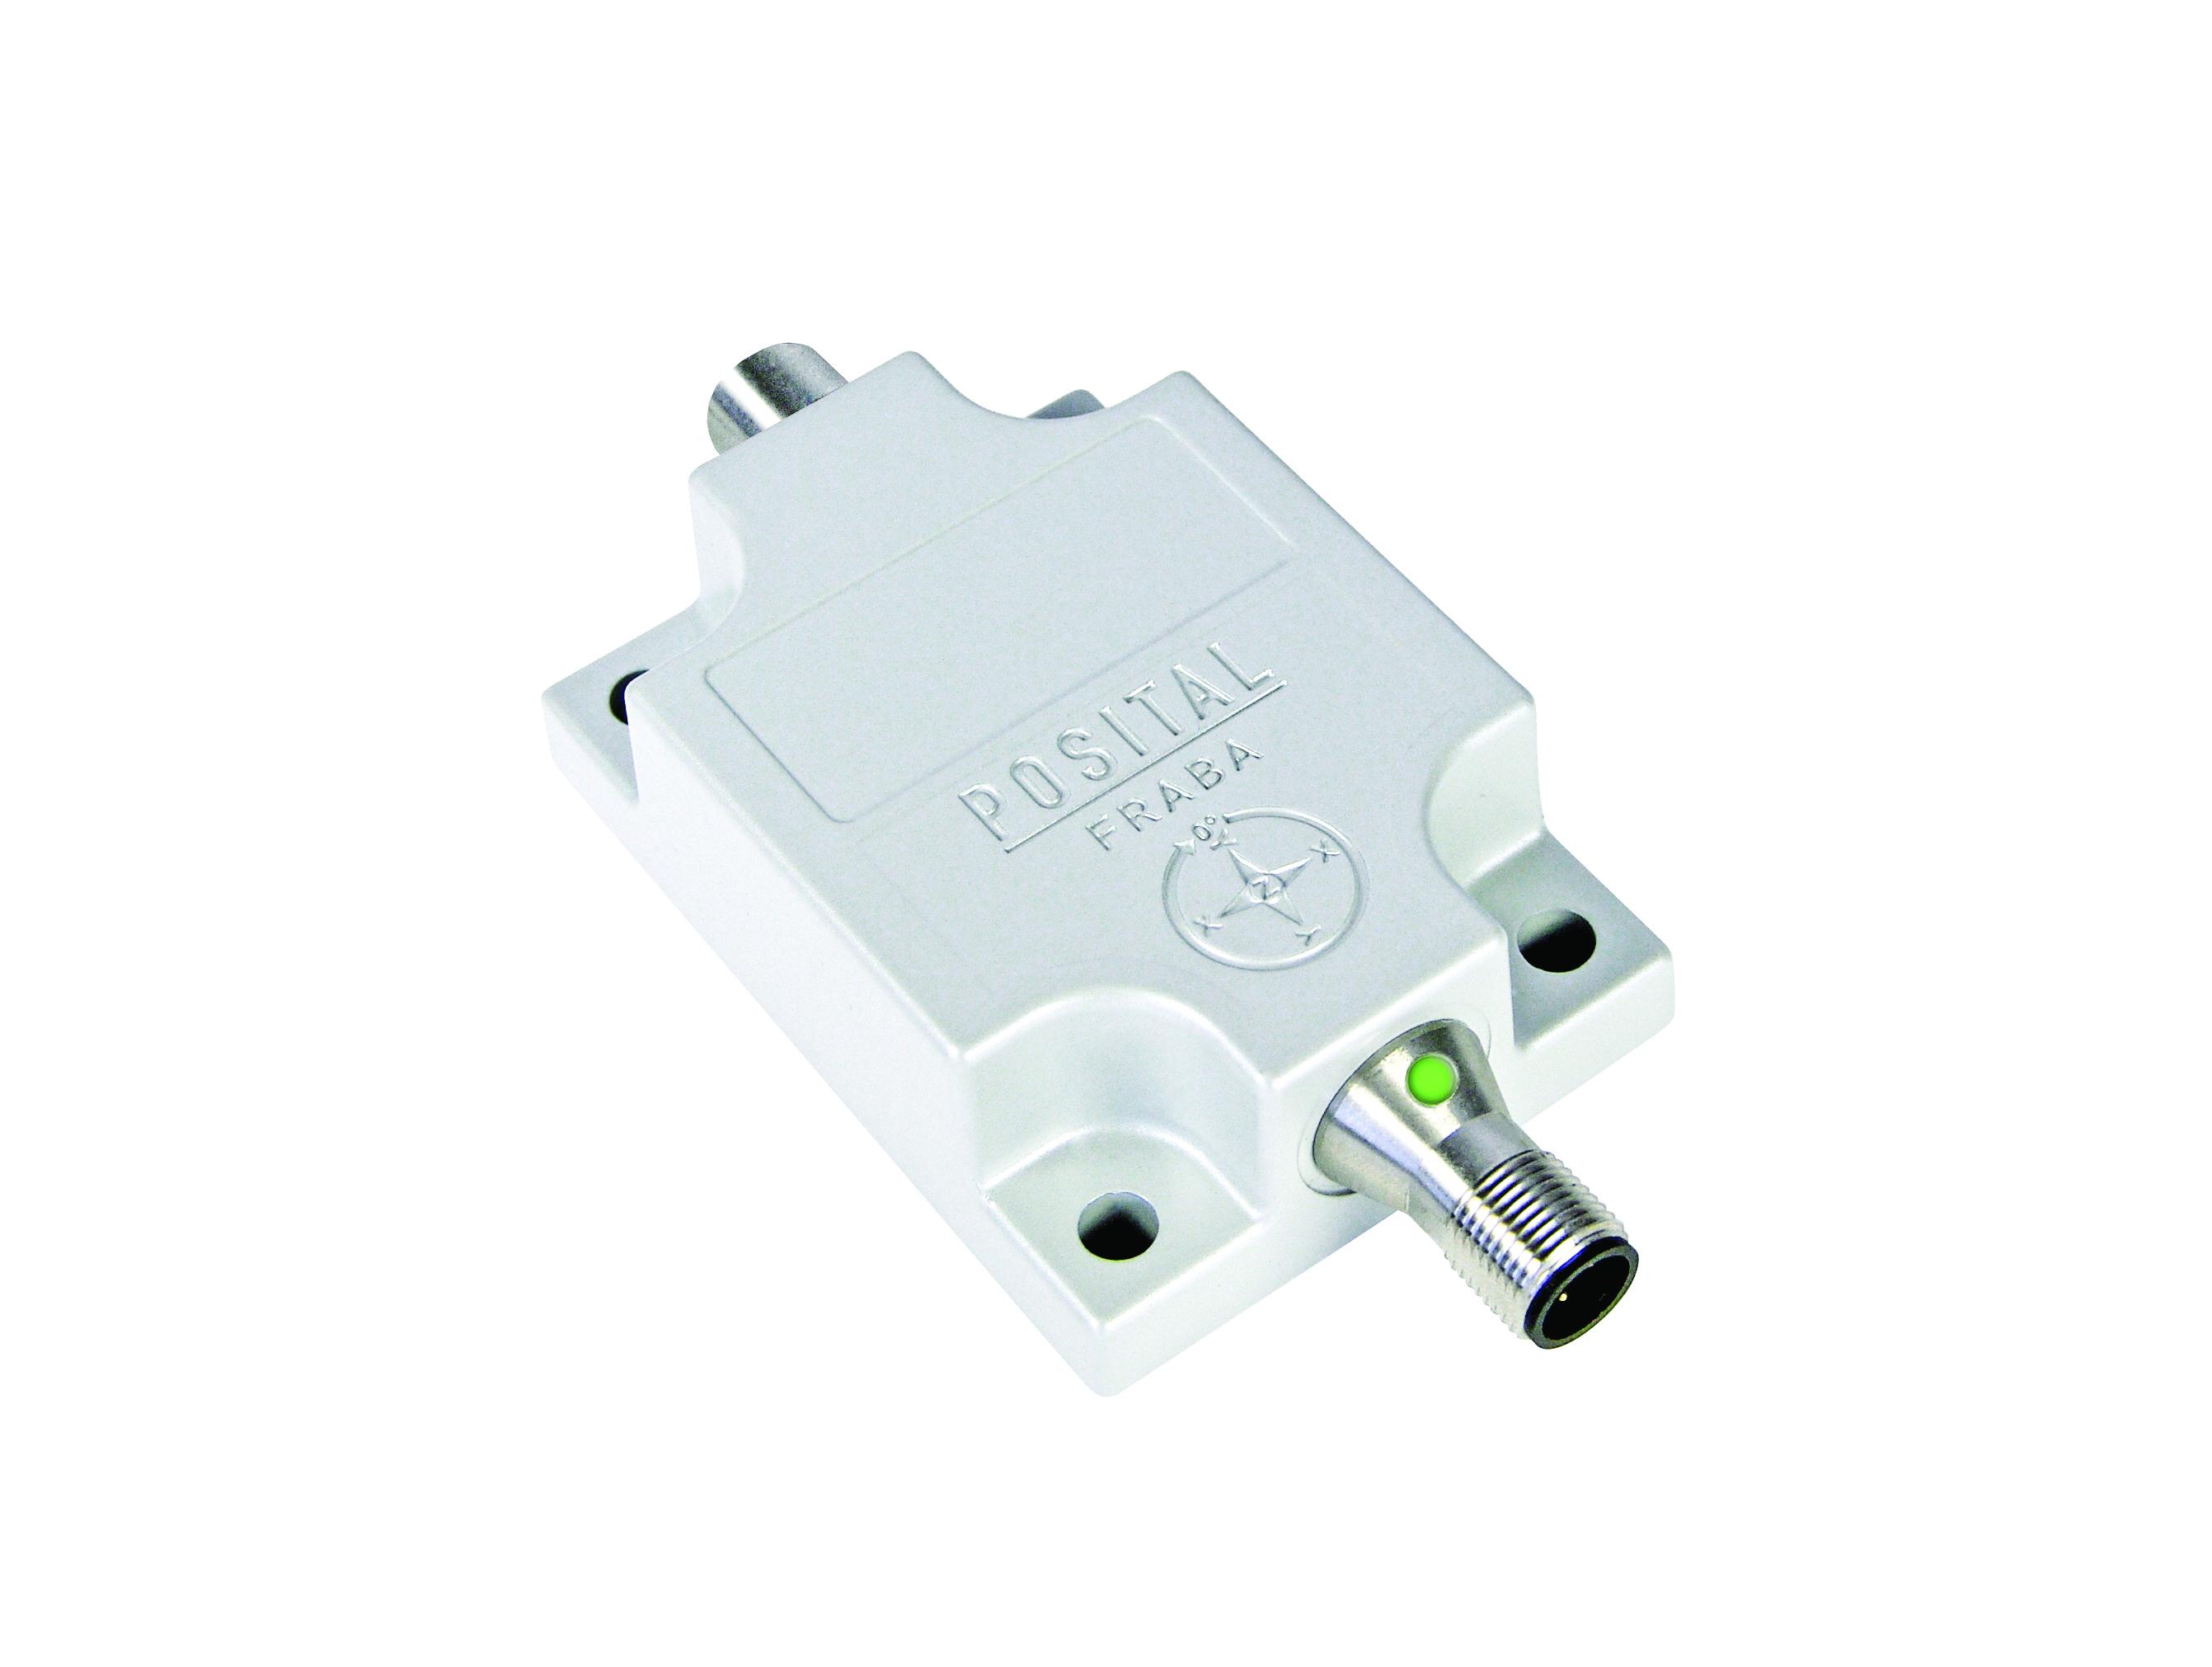 Posital AKS-090-2-CA01-HK2-PW Inclinometer